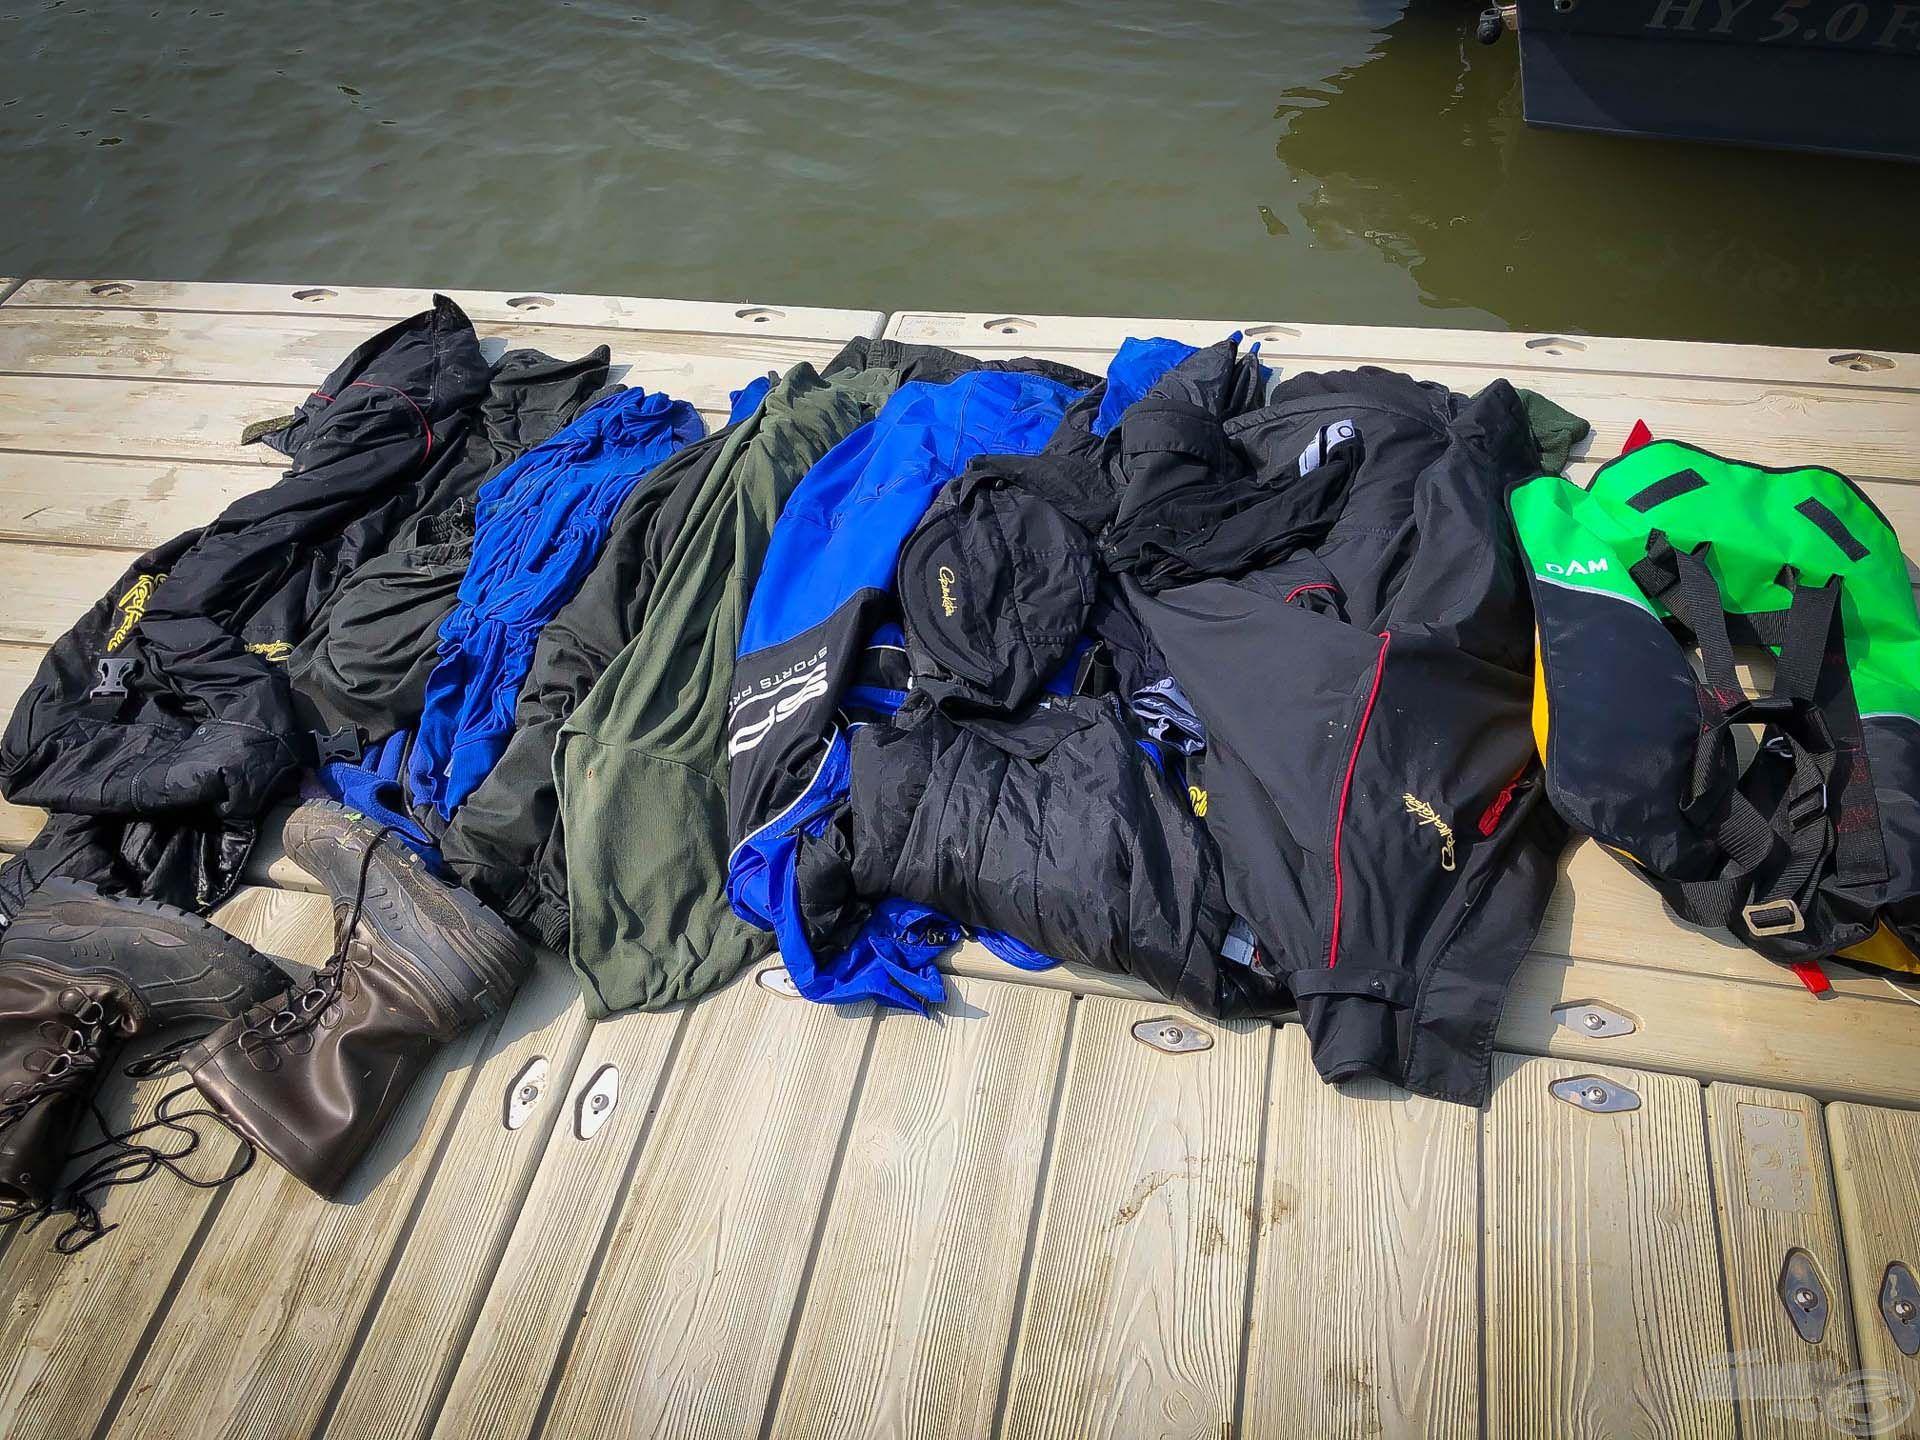 A rengeteg vizes ruha